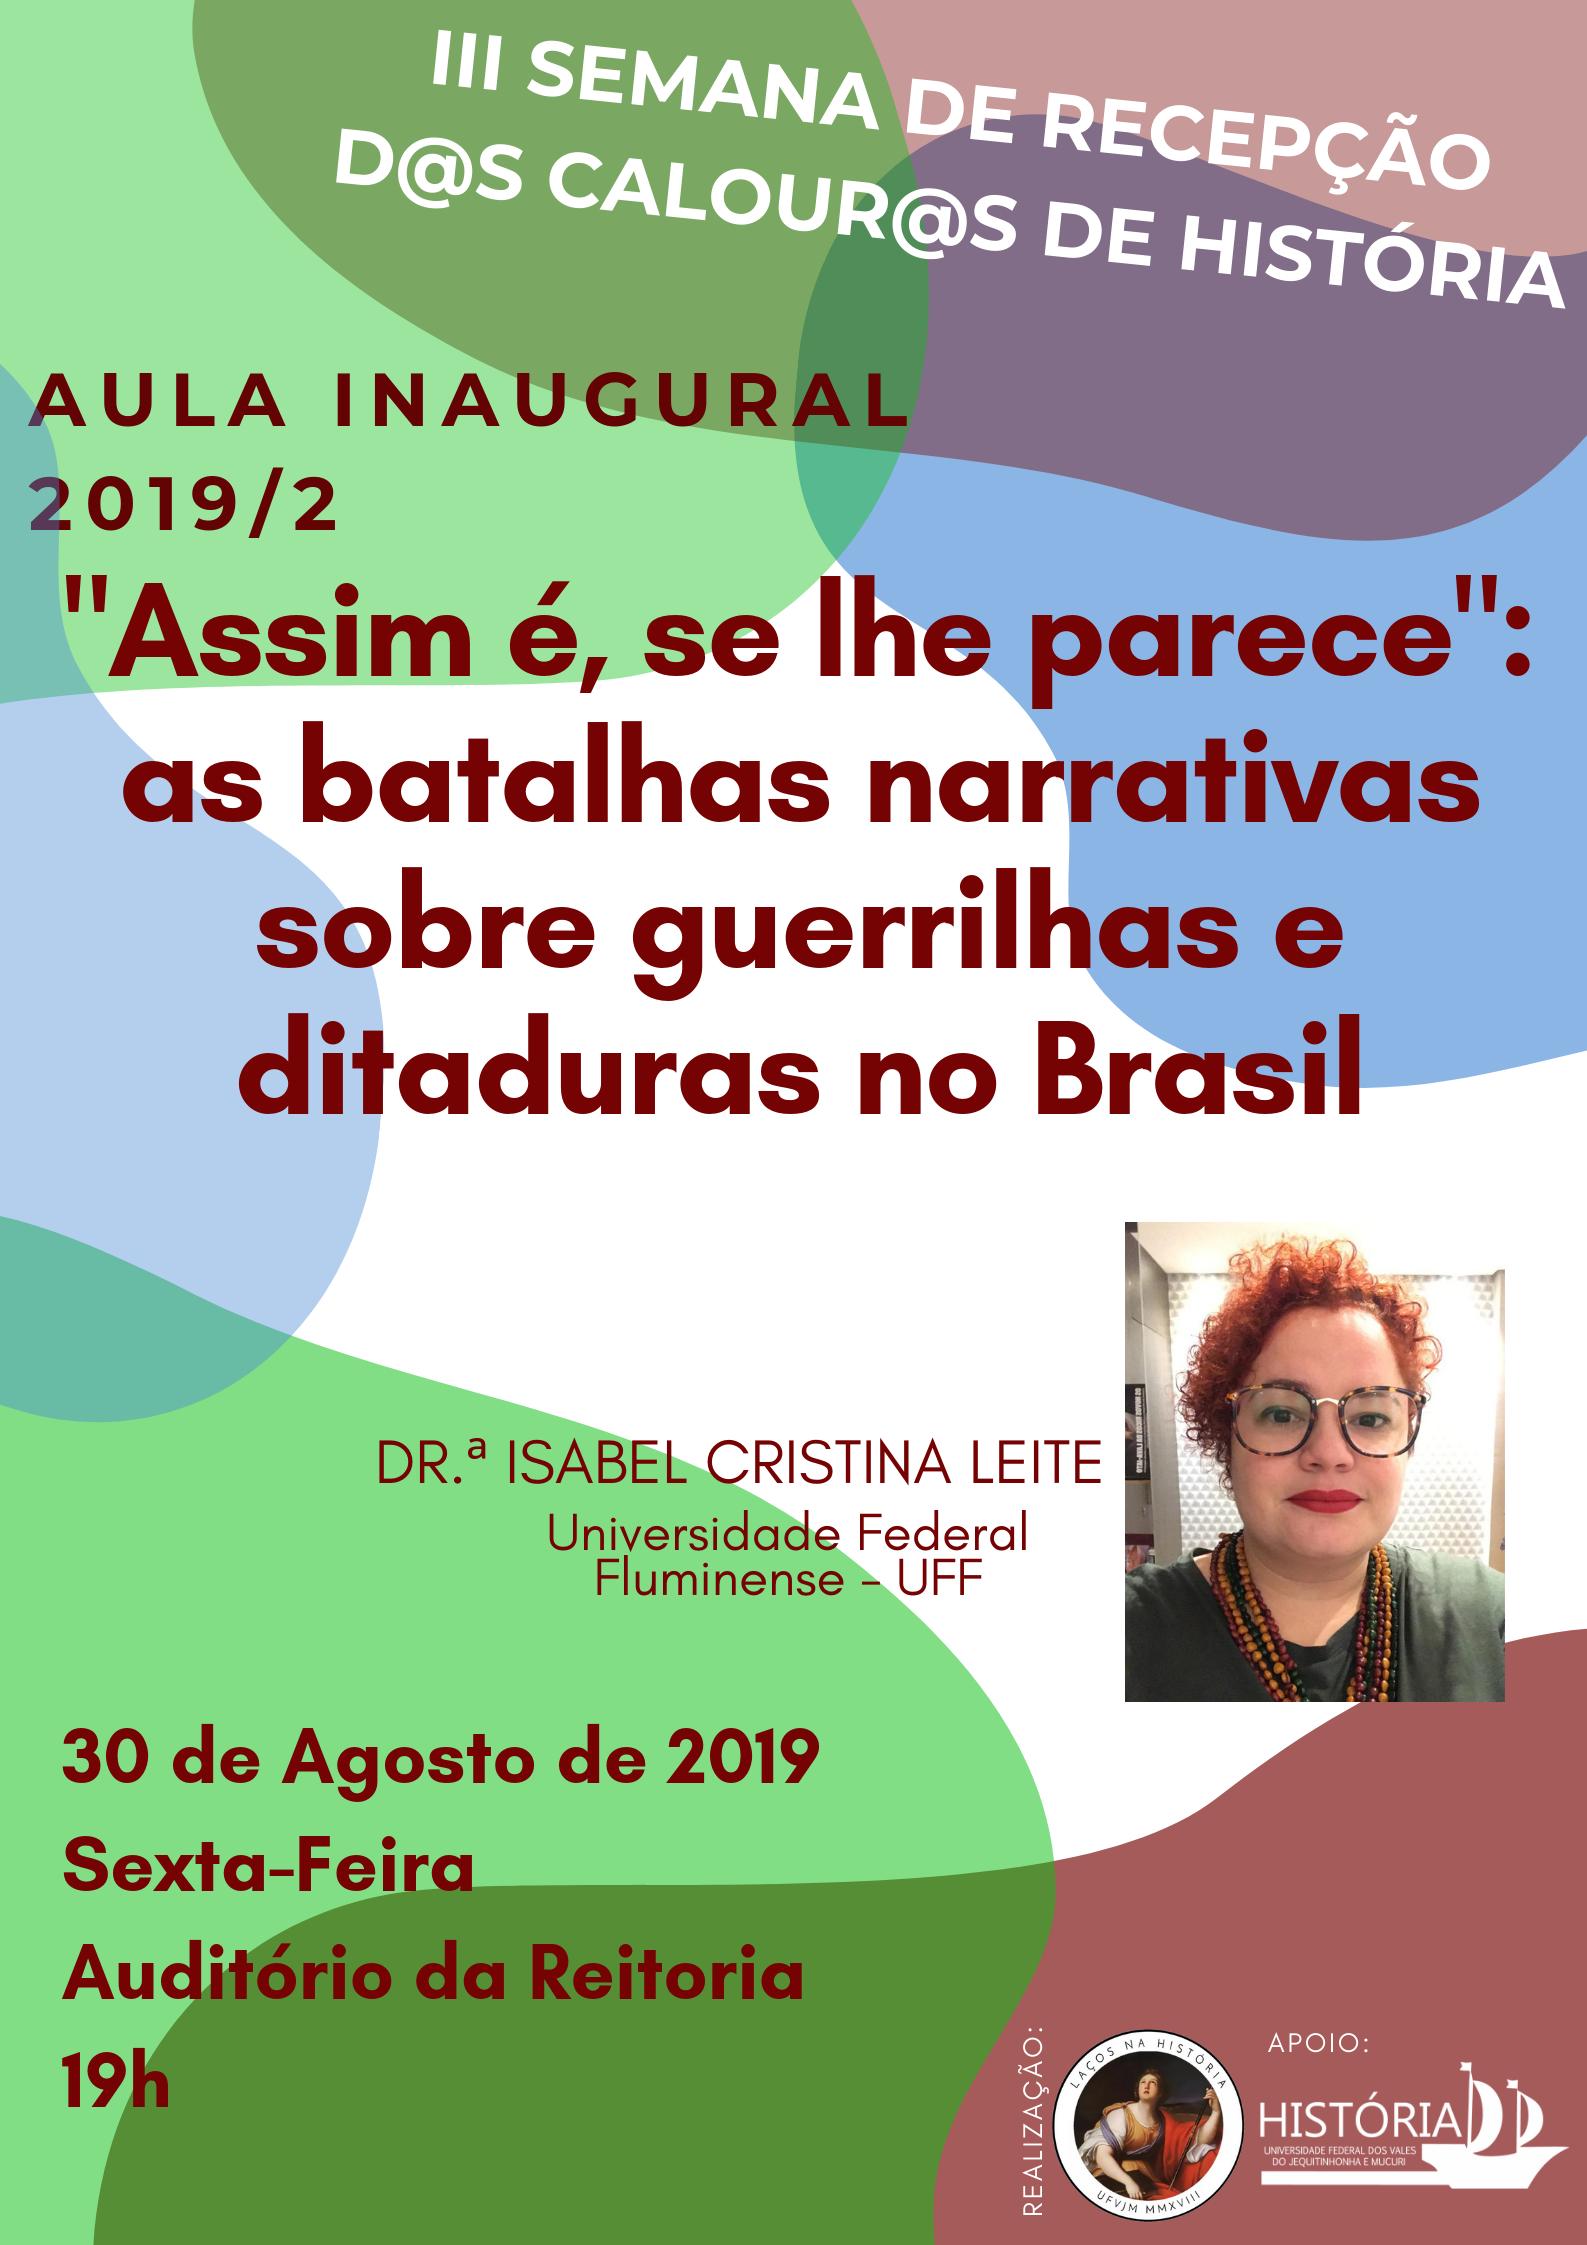 Aula inaugural da História debate narrativas sobre guerrilhas e ditadura militar no Brasil